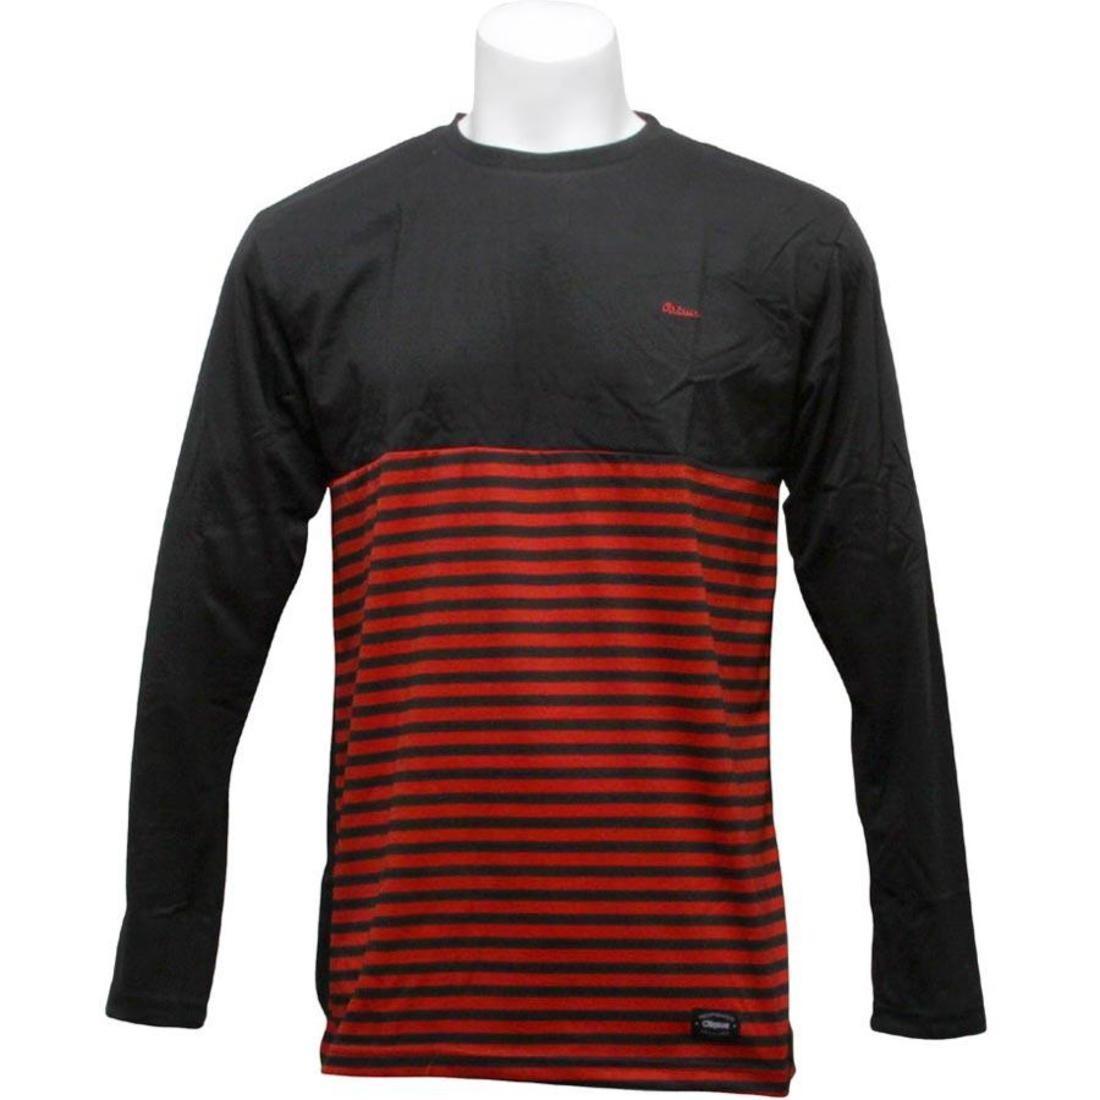 【海外限定】スリーブ ニット Tシャツ LONG カットソー RED メンズファッション【 SLEEVE ORISUE BLACK BENTON LONG KNIT TEE BLACK RED】, アショロチョウ:817f865d --- officewill.xsrv.jp